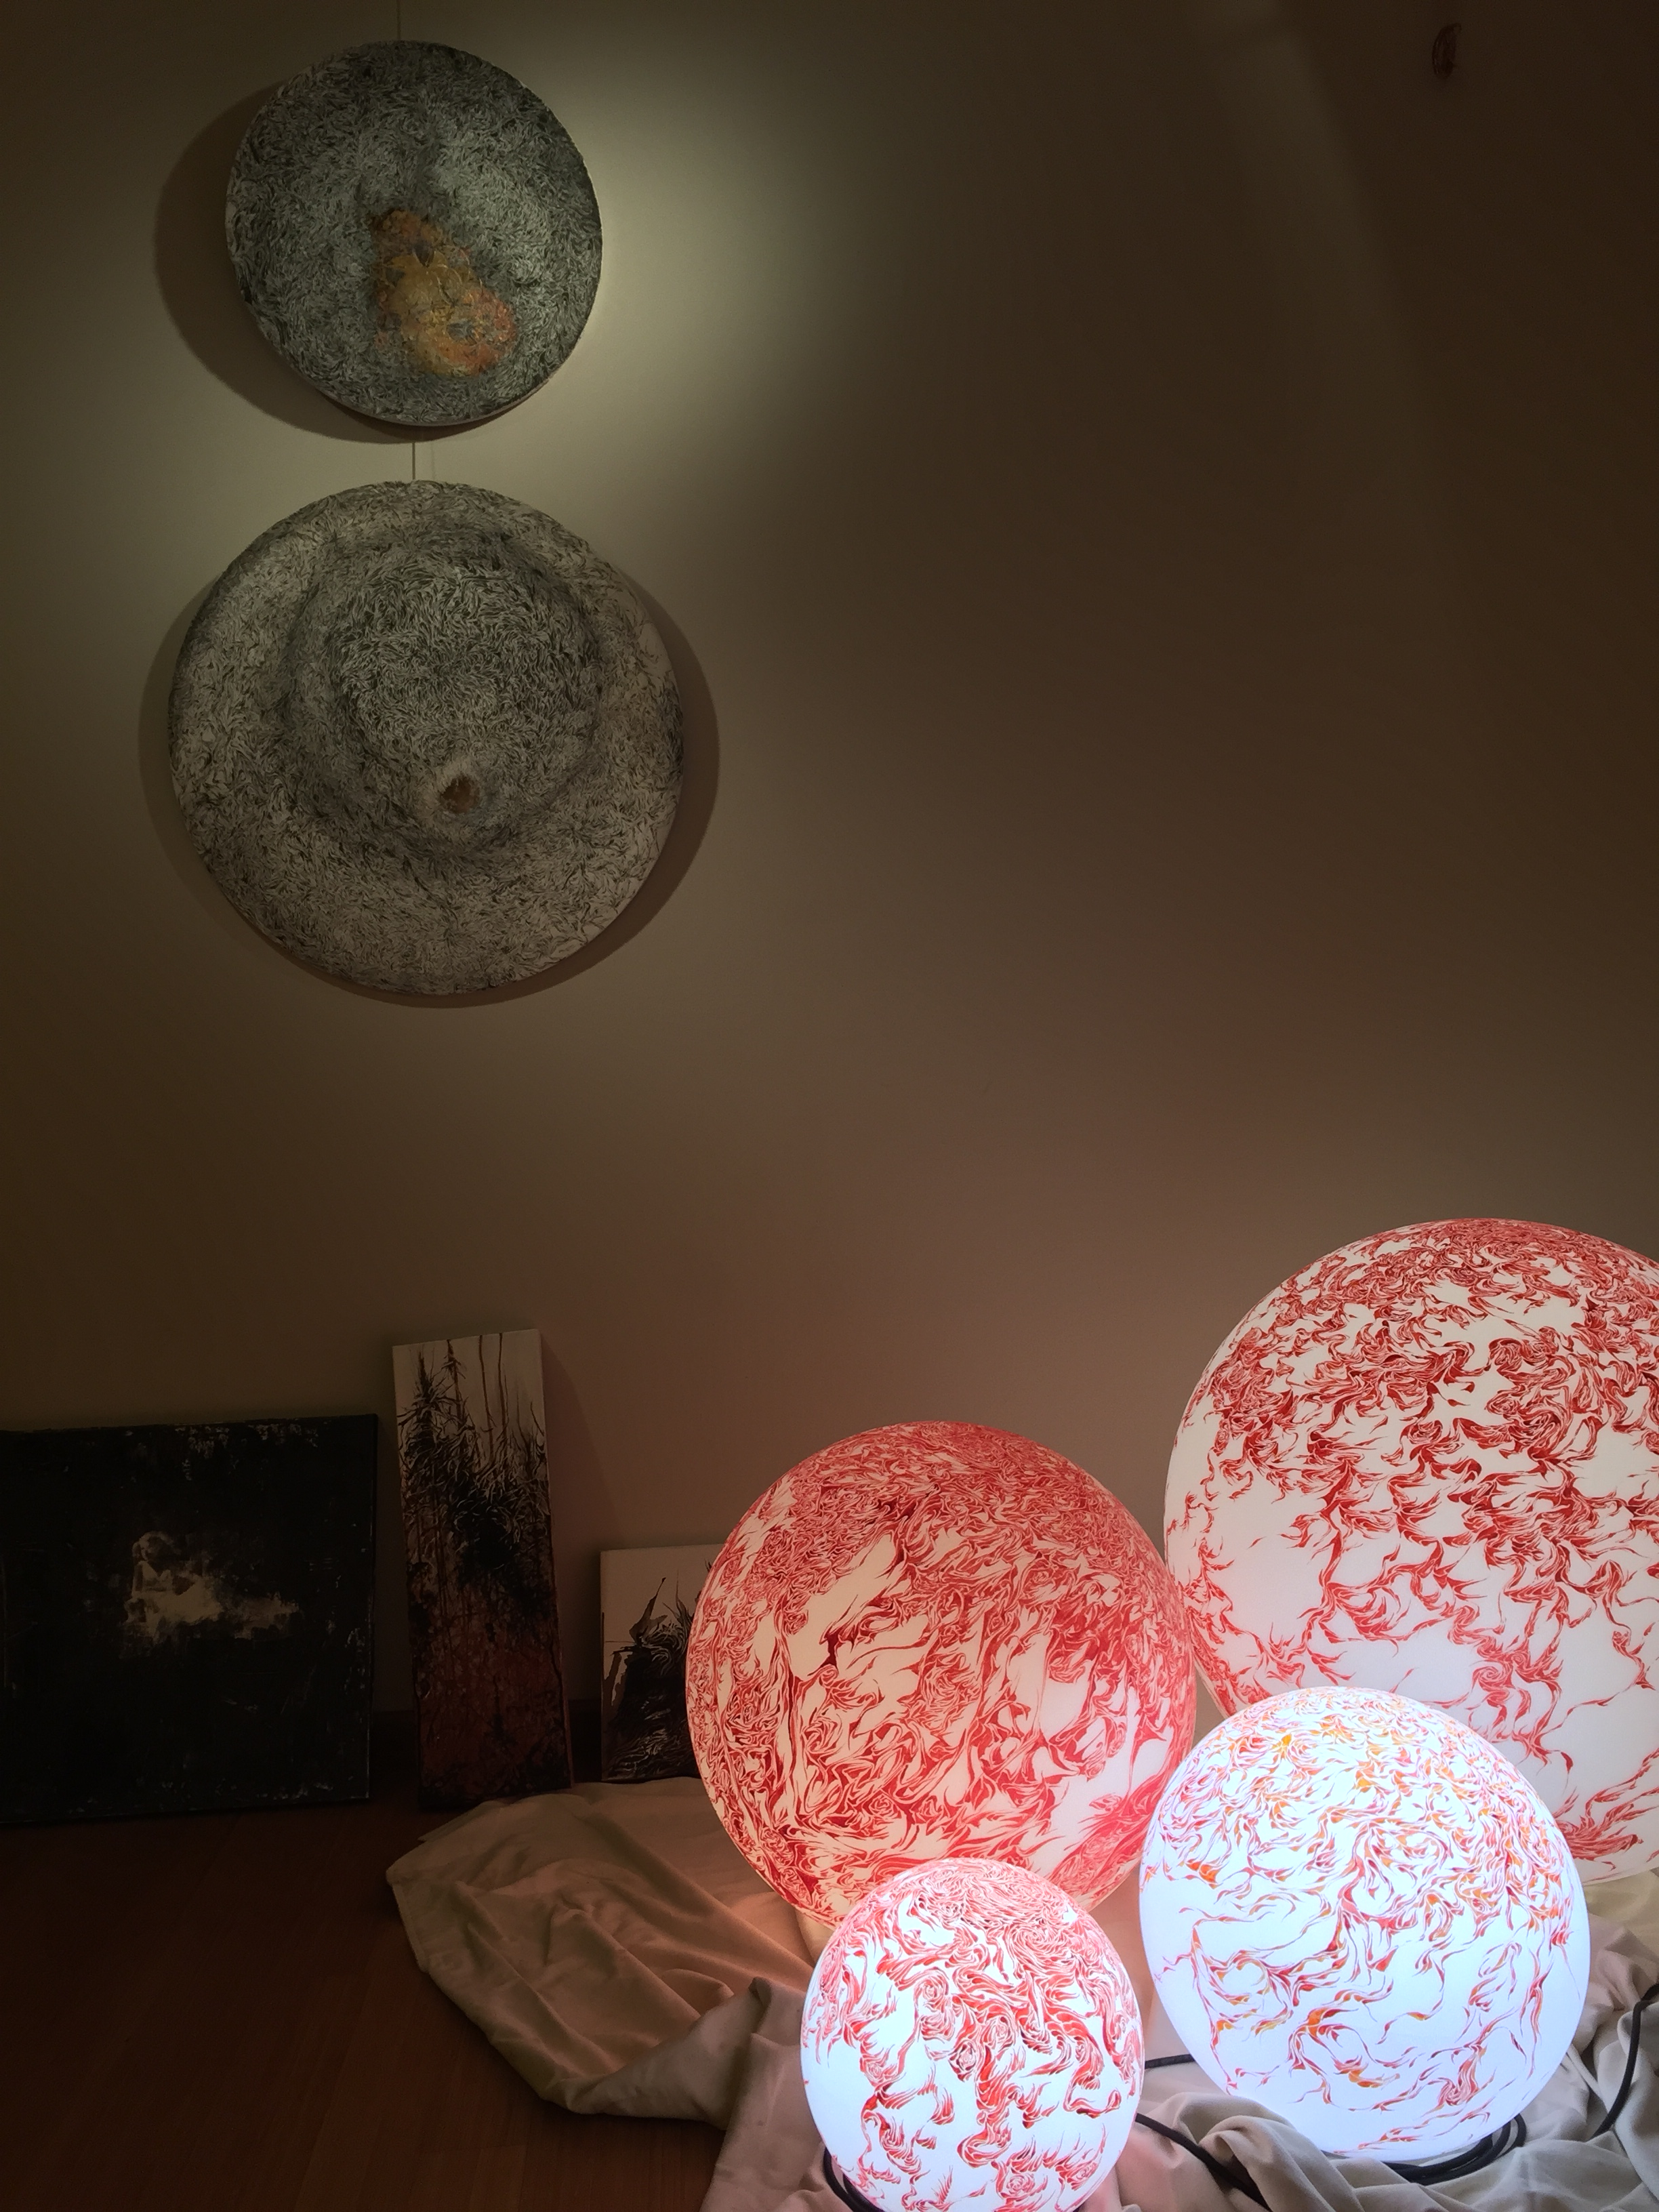 nathalie bergiers artworks 2014 @ hugo neumann brussels 12